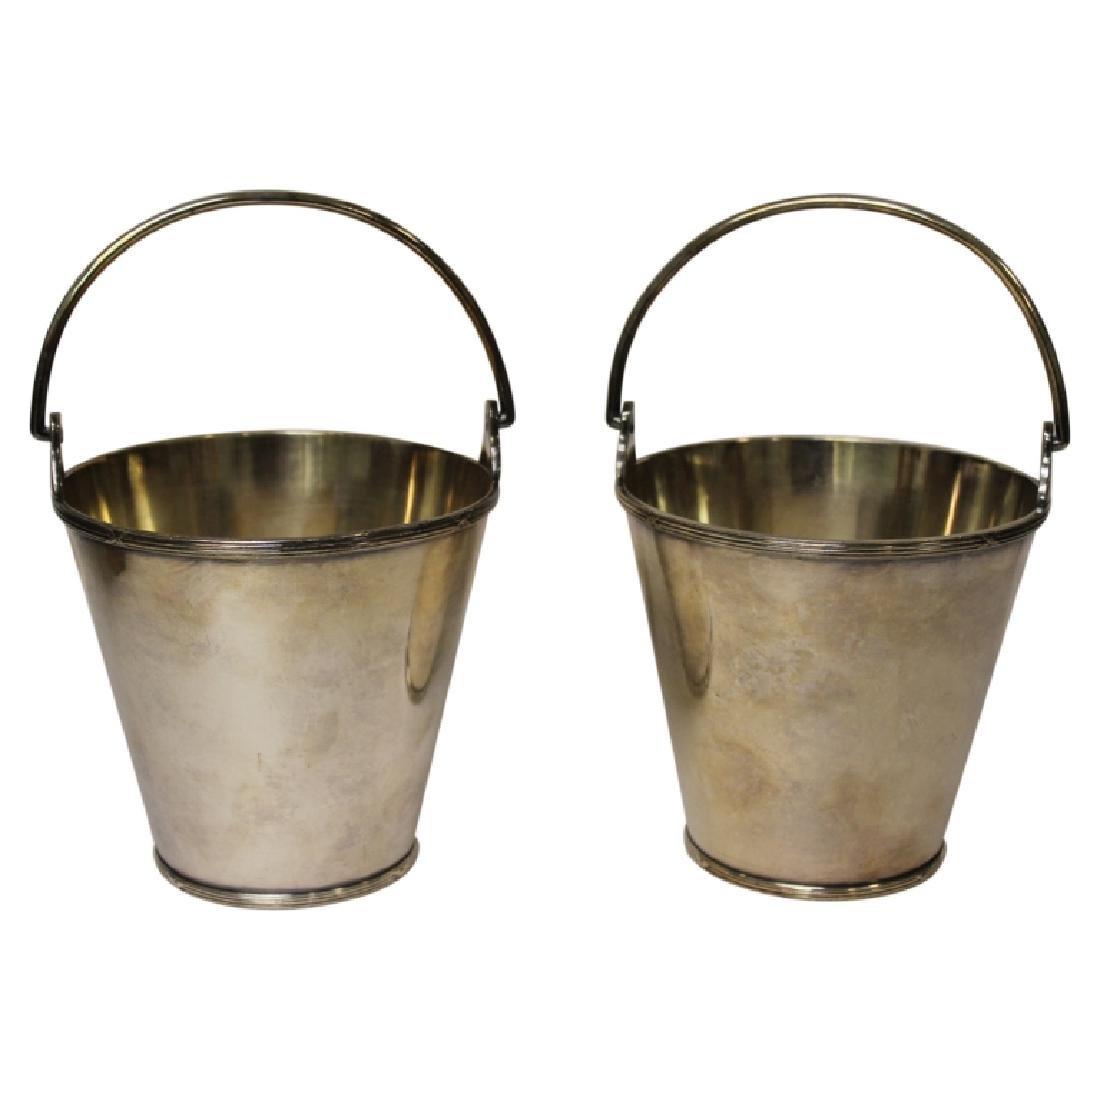 2 Elkington Silverplate Buckets